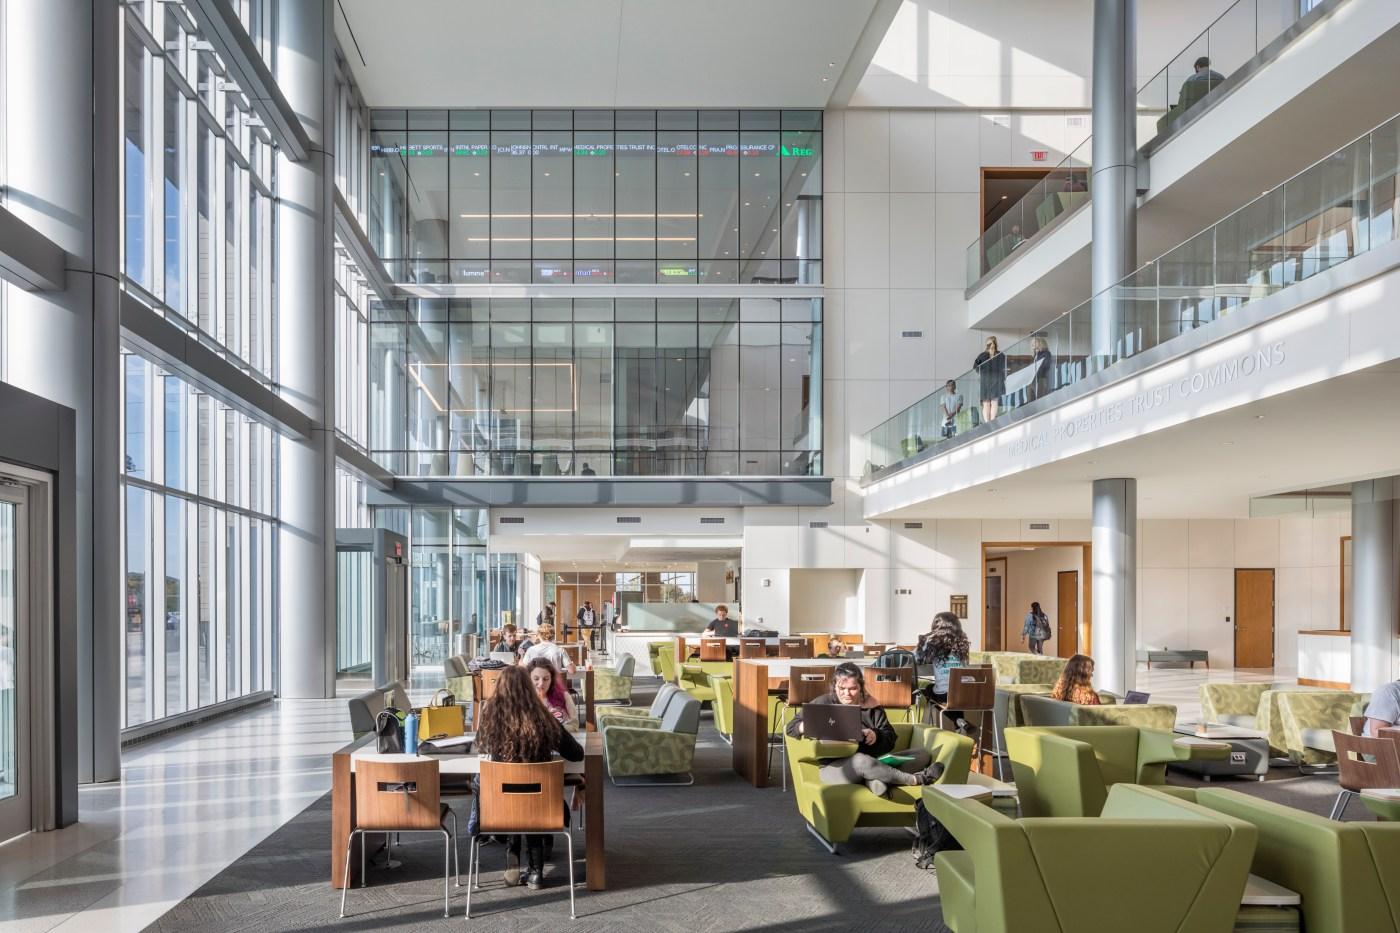 Atrium, Collat School of Business